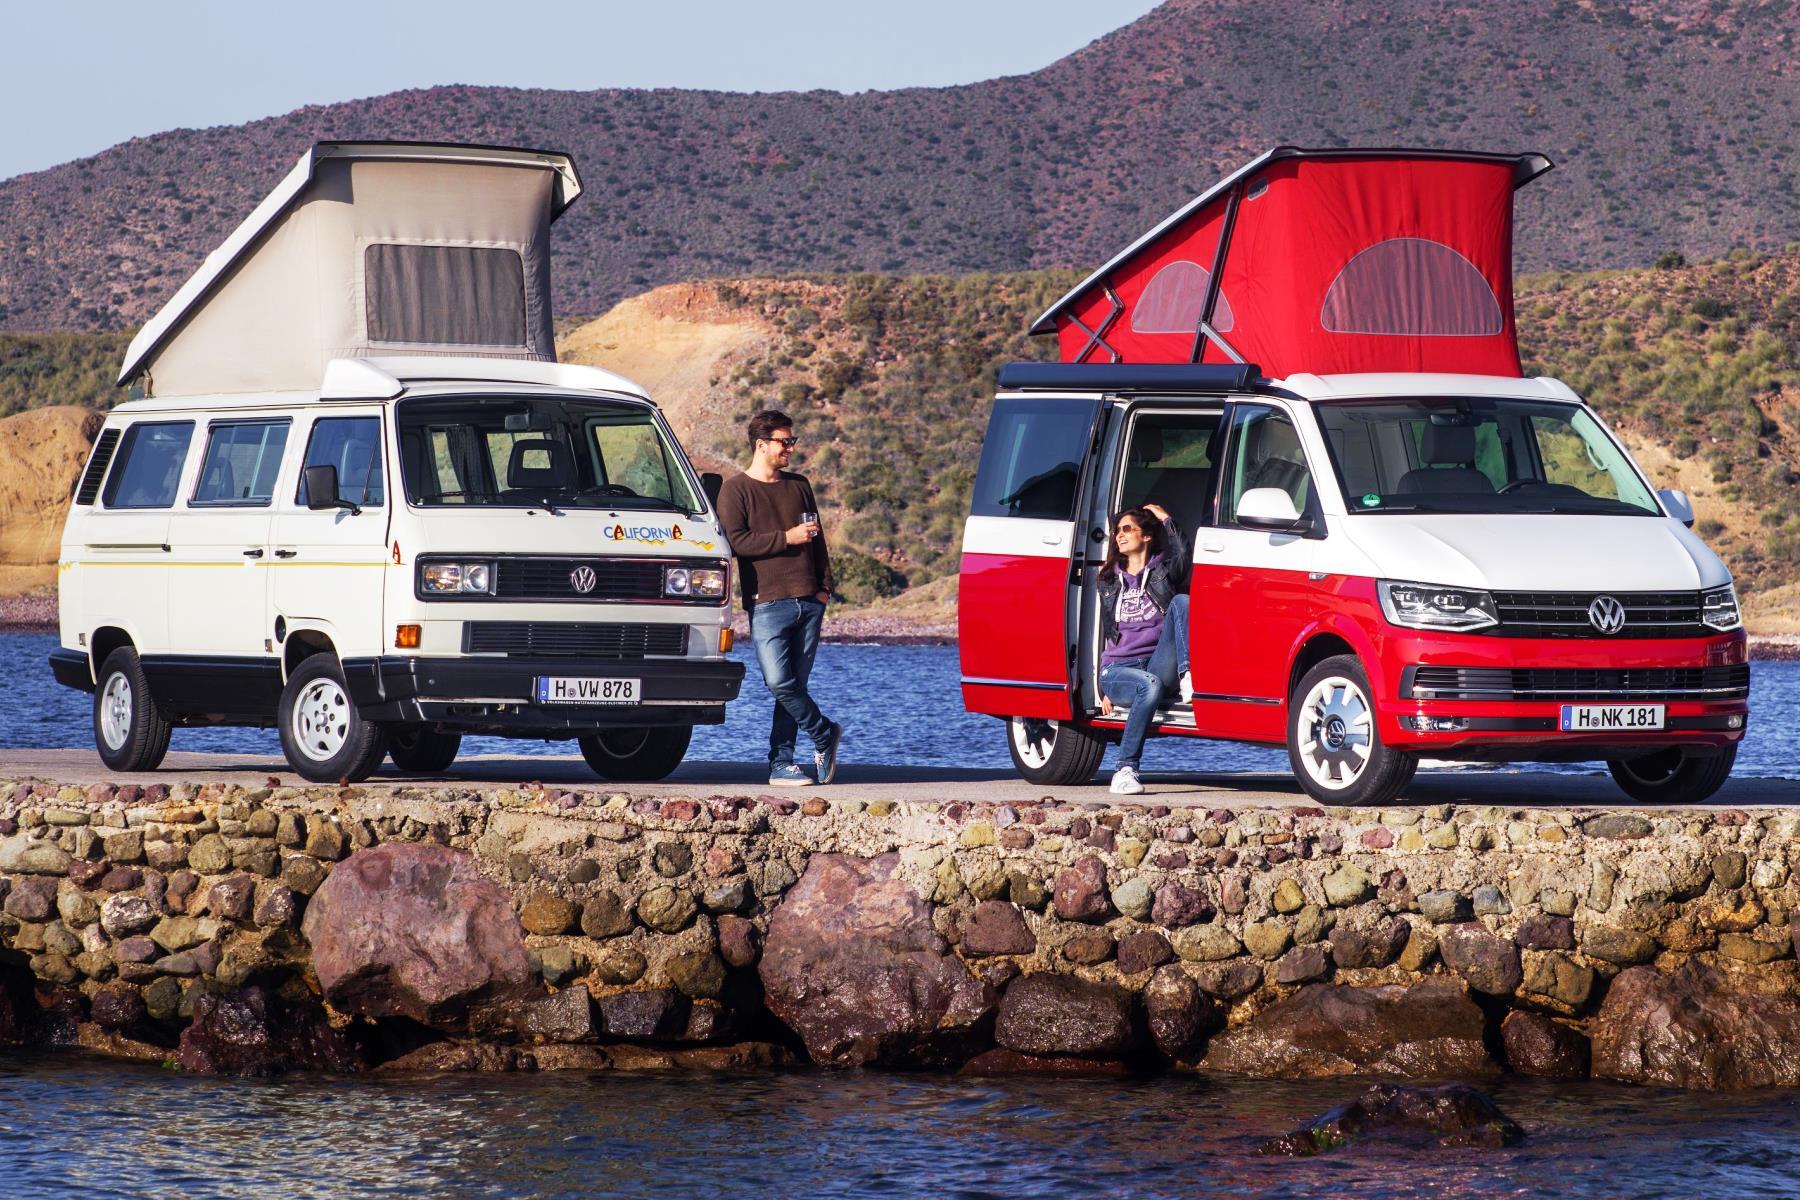 Volkswagen California camper van 100,000 celebration